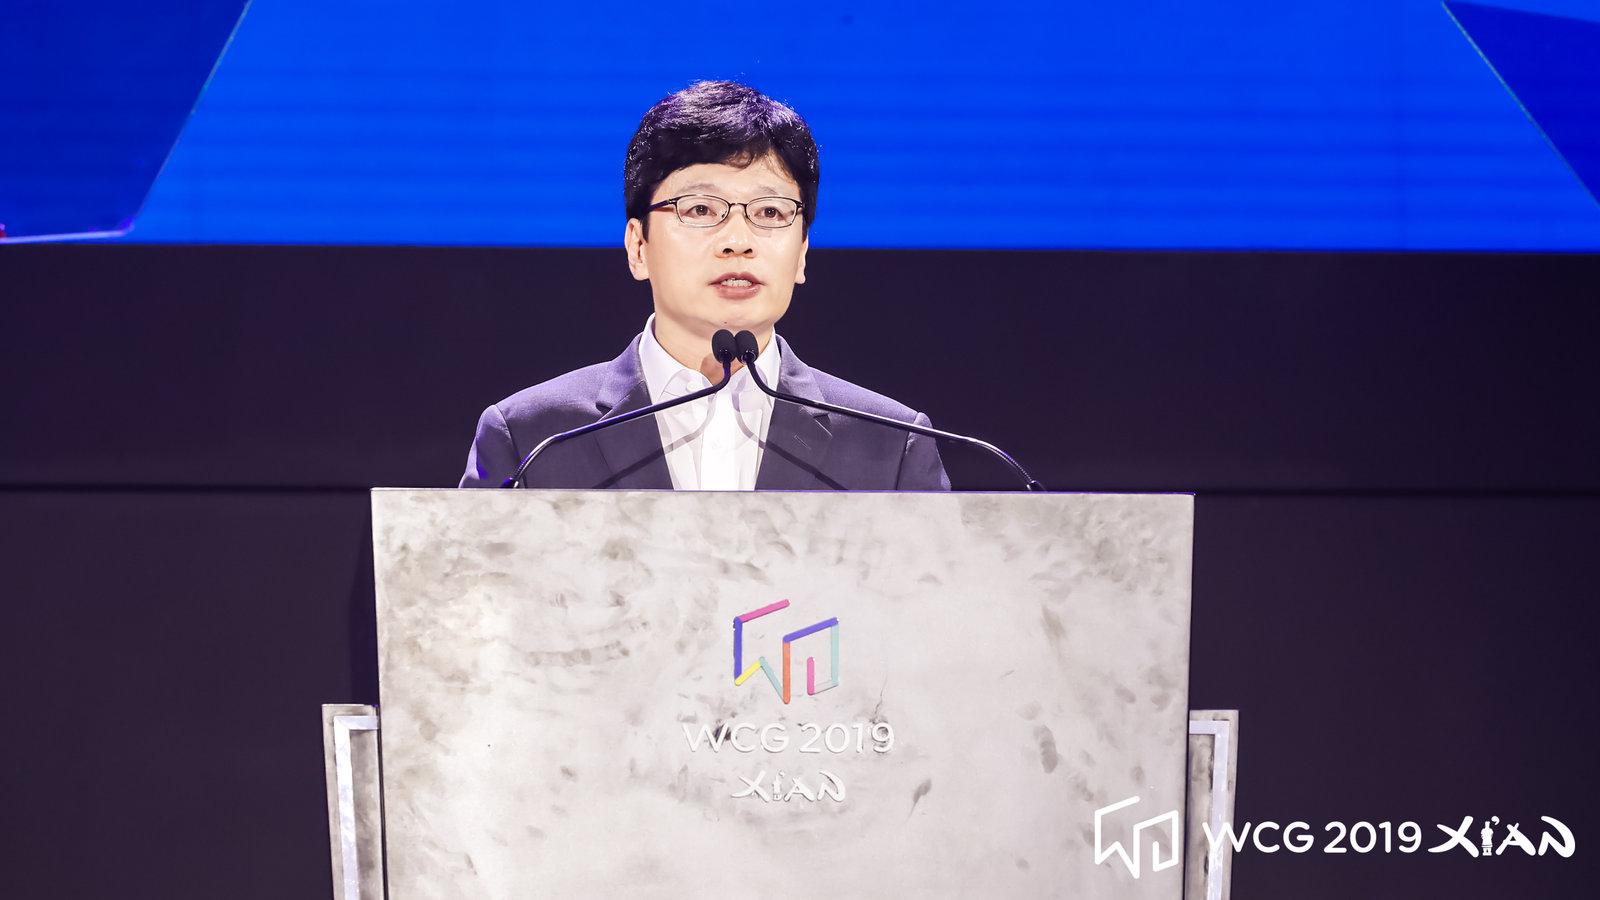 권혁빈 WCG조직위원장이 18일 중국 시안에서 `WCG 2019 시안`의 개막을 선포하고 있다. WCG 제공